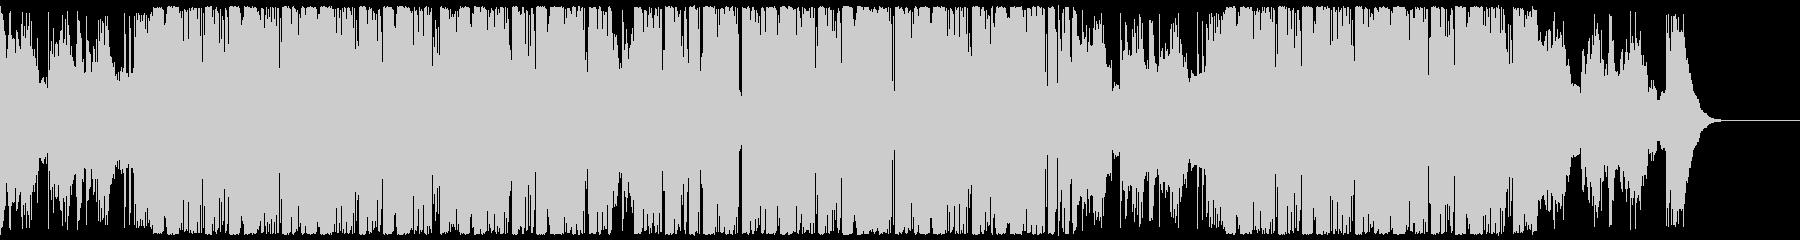 キラキラと爽快なエレクトロCM・企業VPの未再生の波形